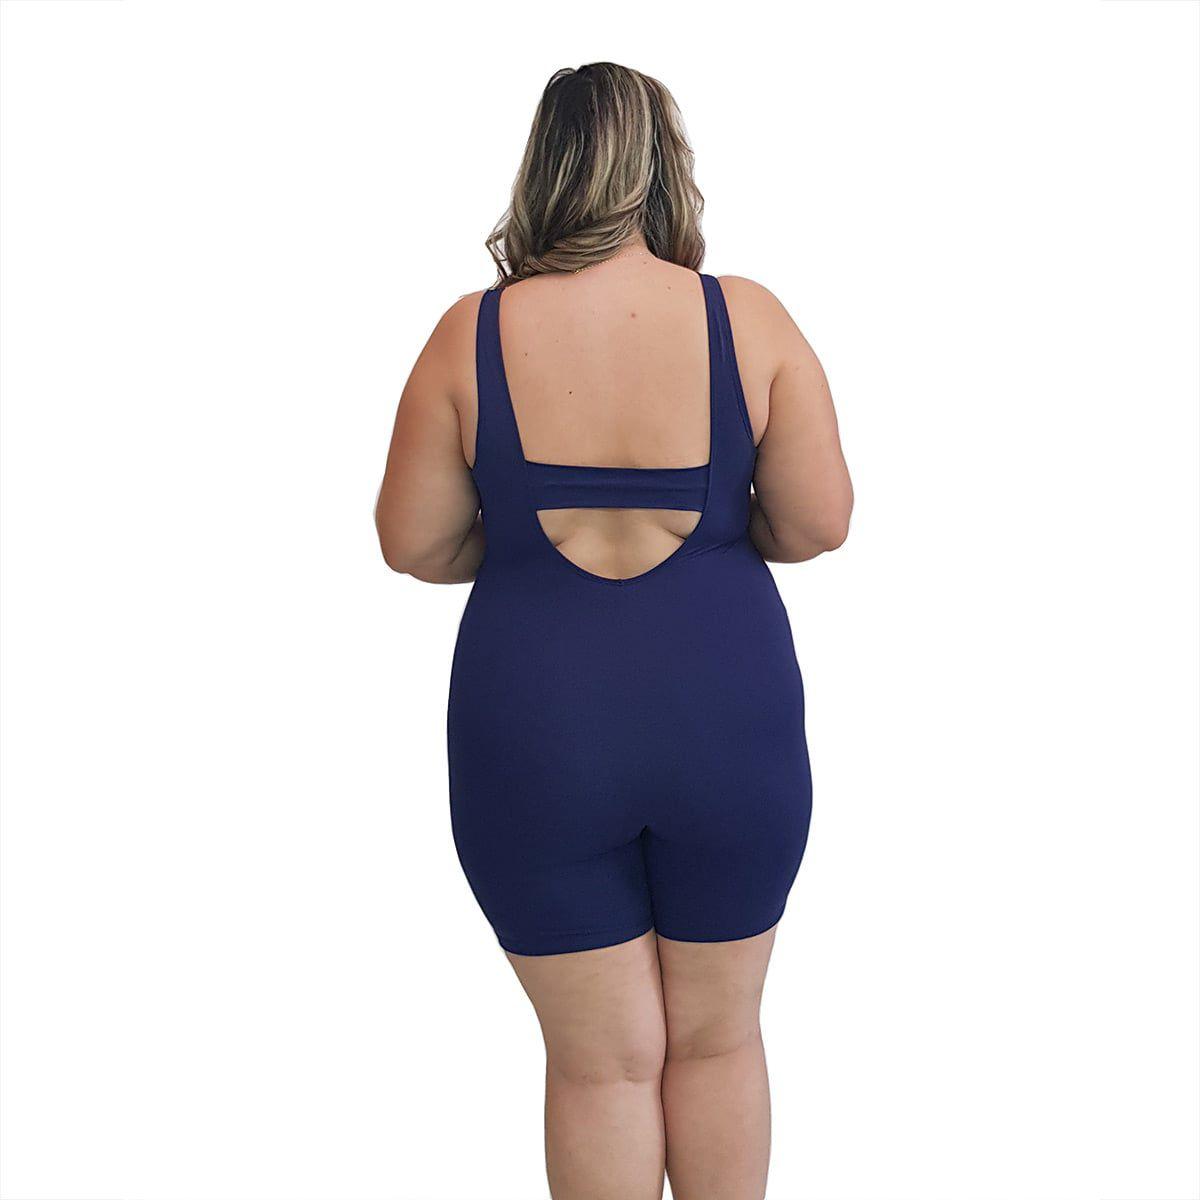 Macaquinho Natação Plus Size com Sustentação Light Azul Marinho com Detalhe em Azul Bic